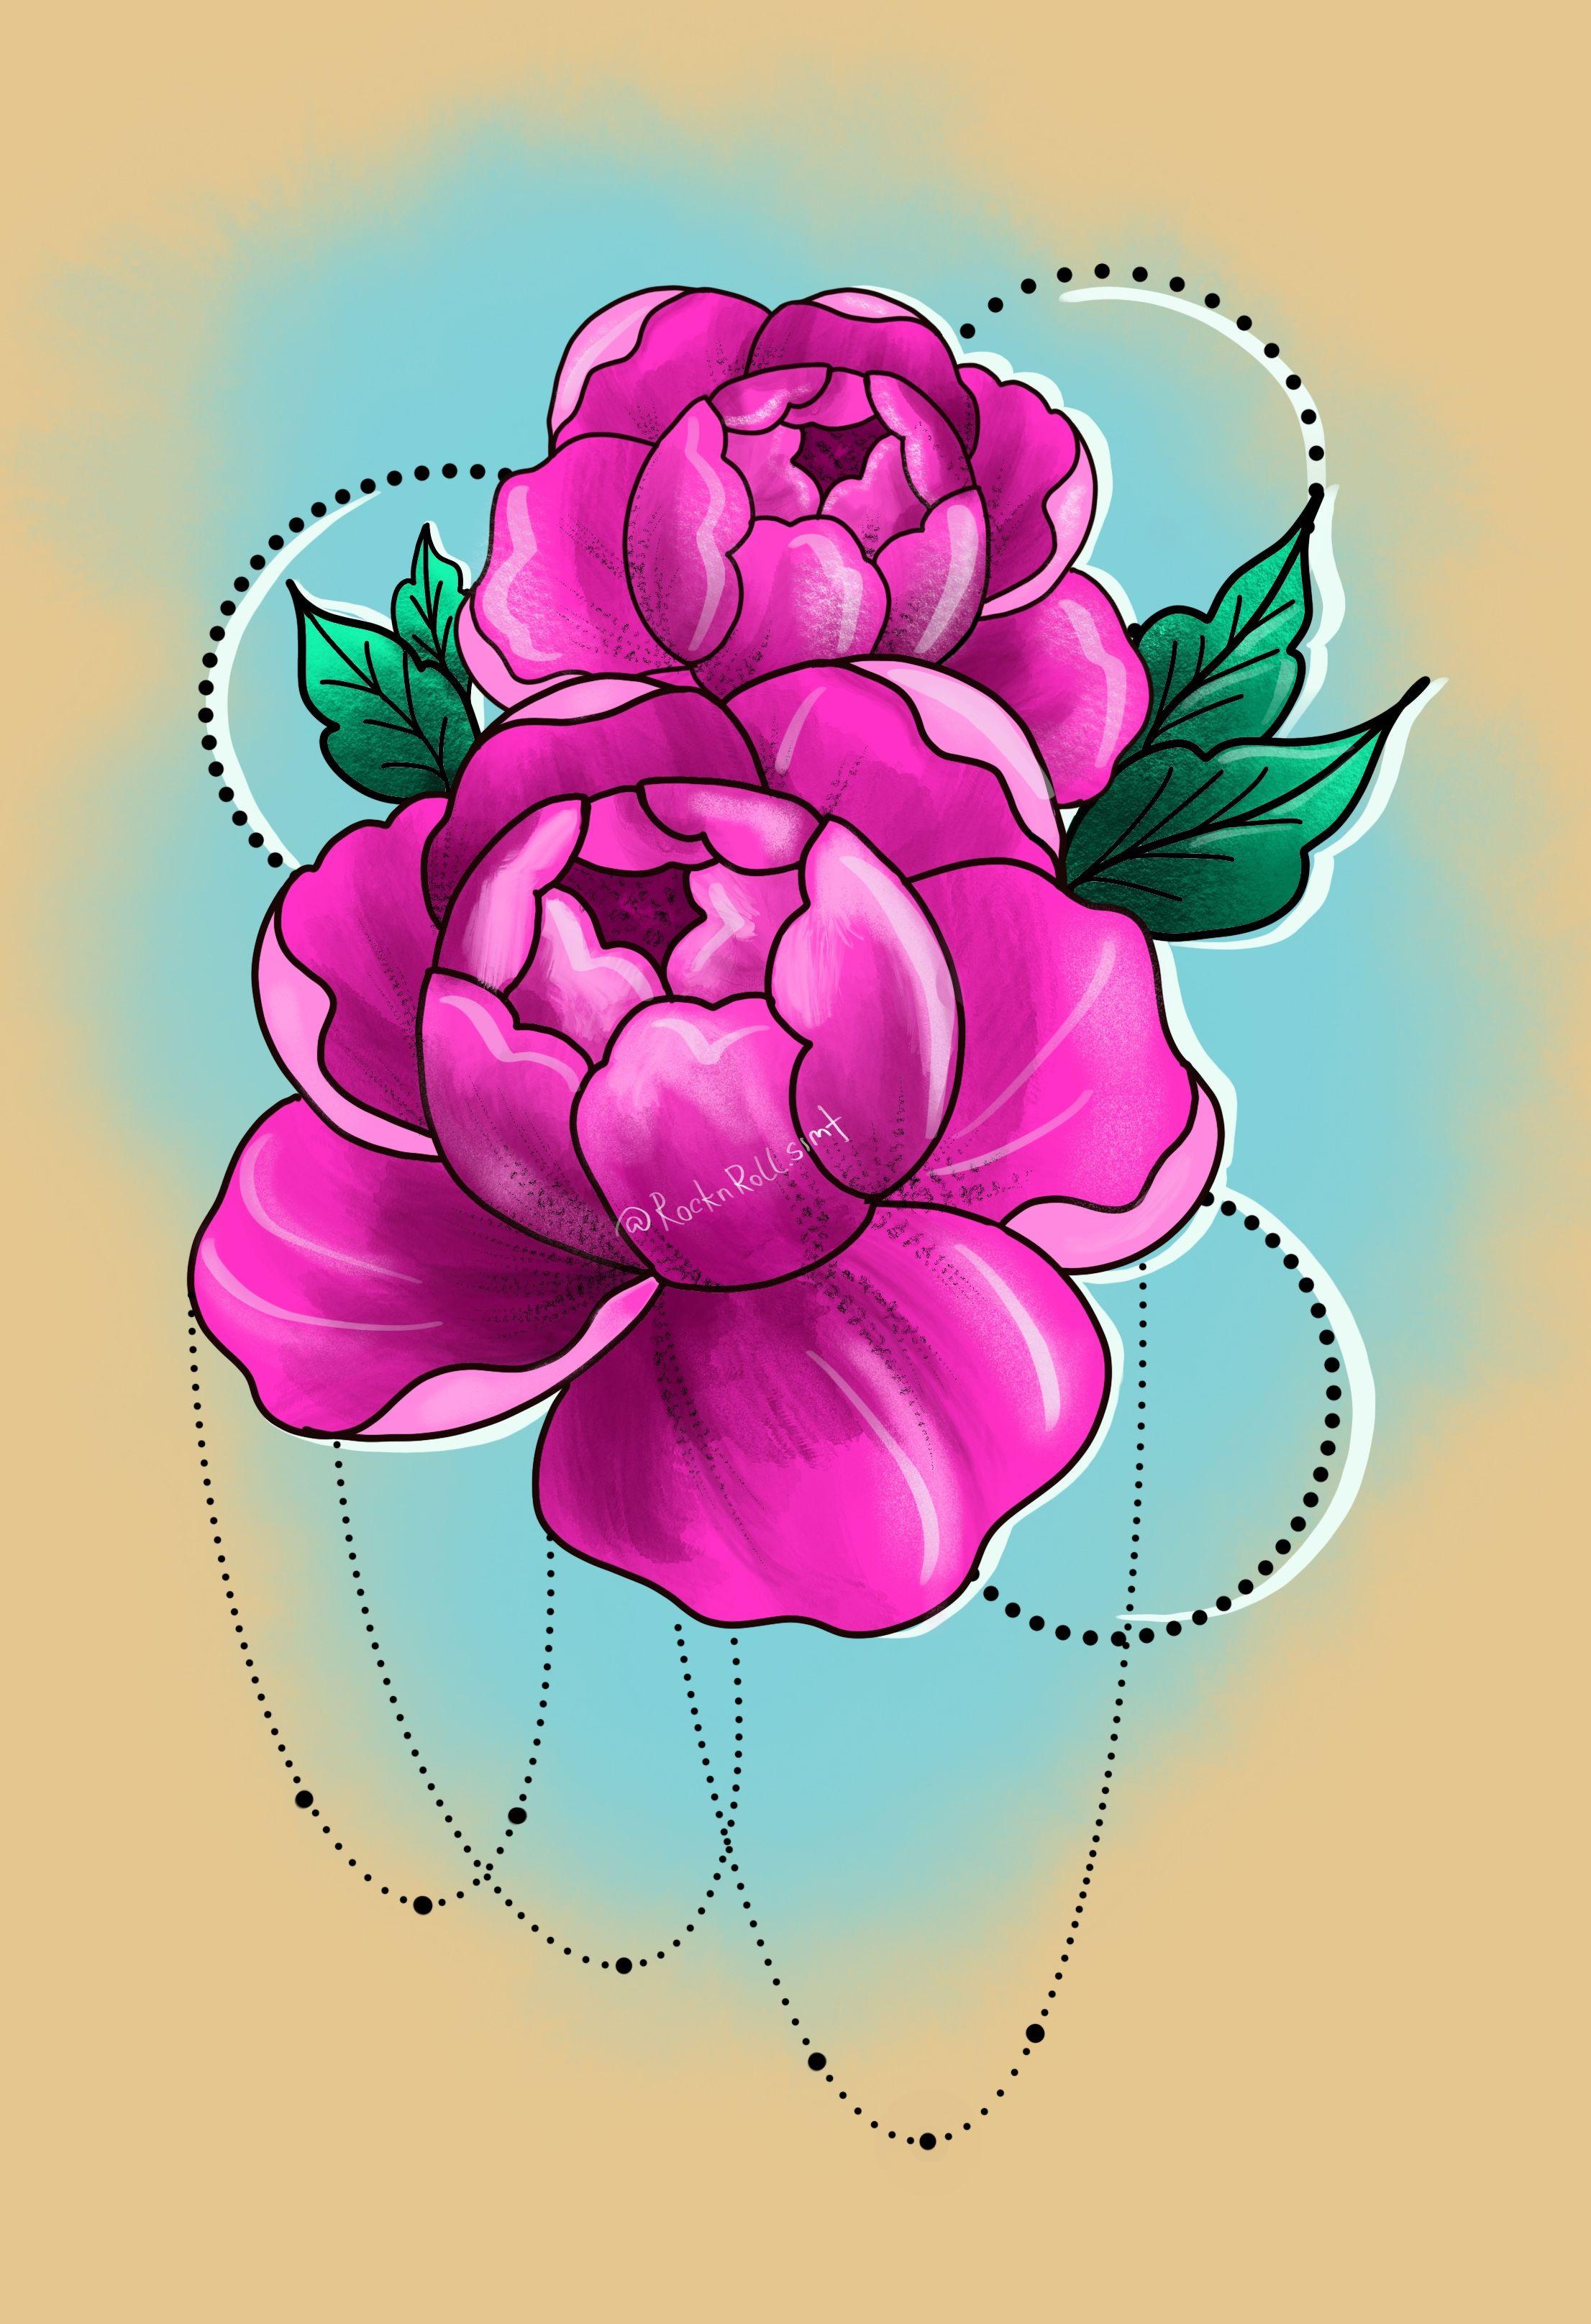 Pin De Olga Rocknroll Em My Tattoo Sketches Rosas Tattoo